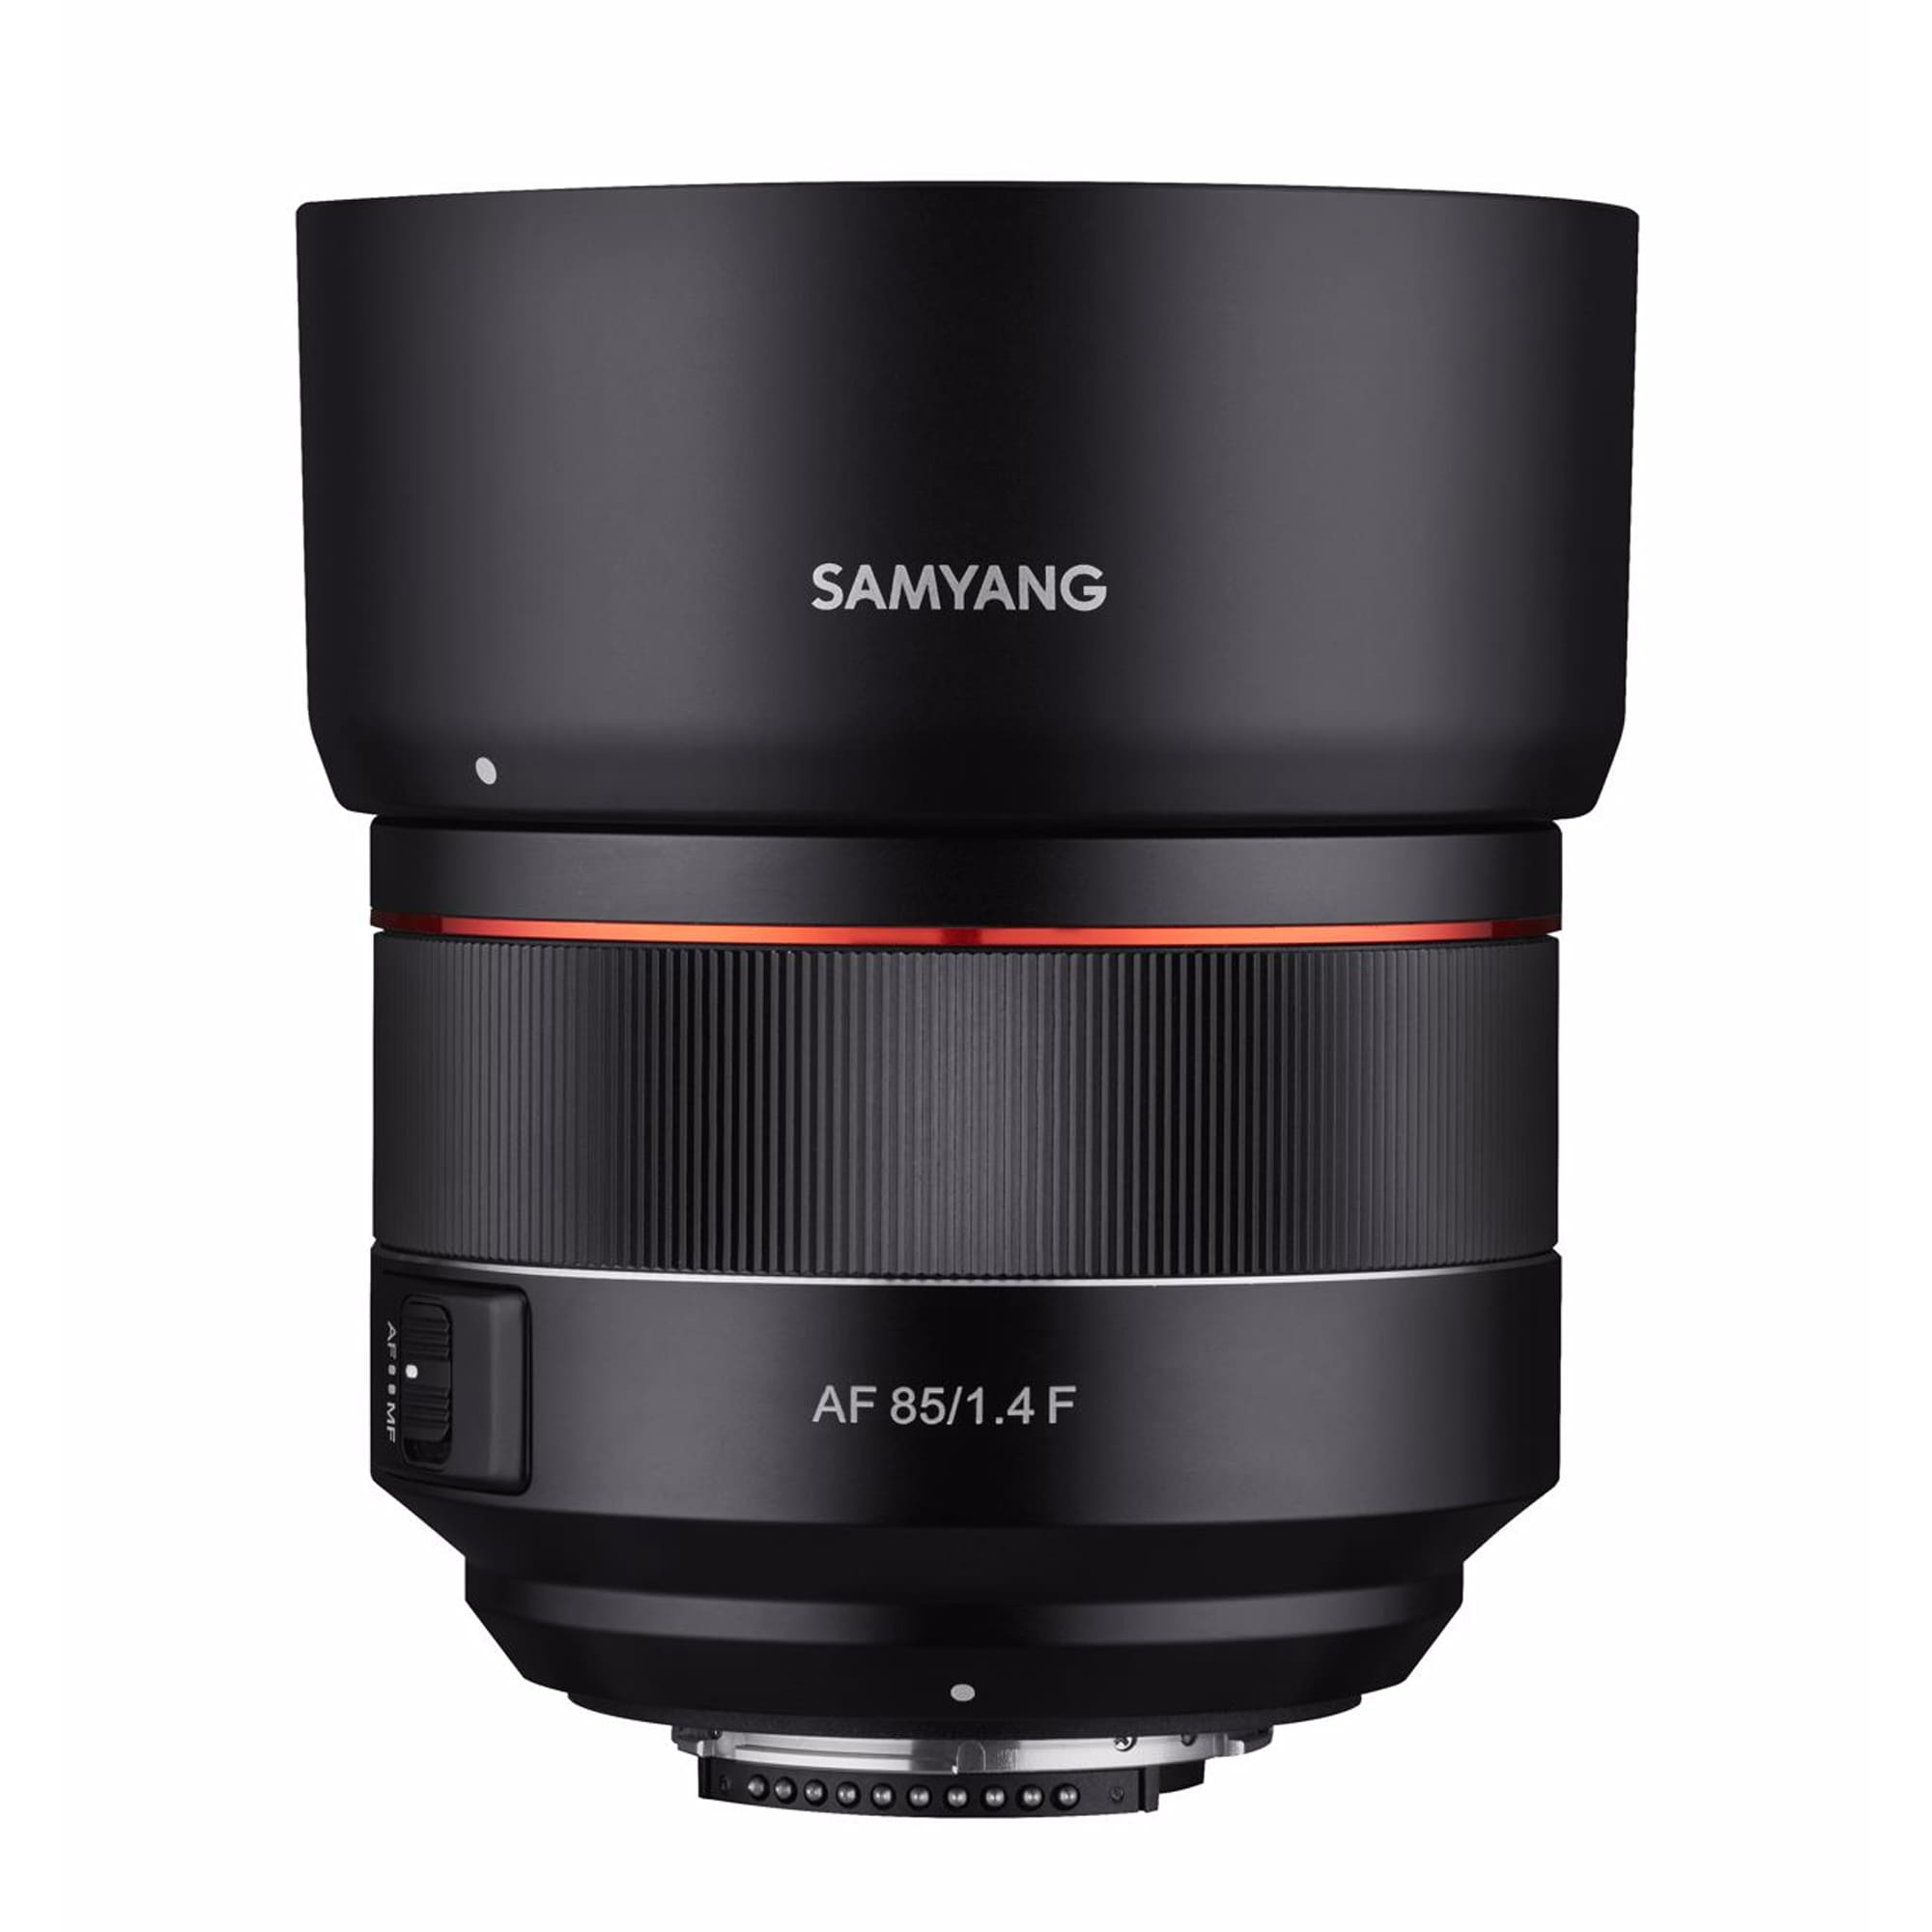 Samyang AF 85mm f/1.4 Nikon F